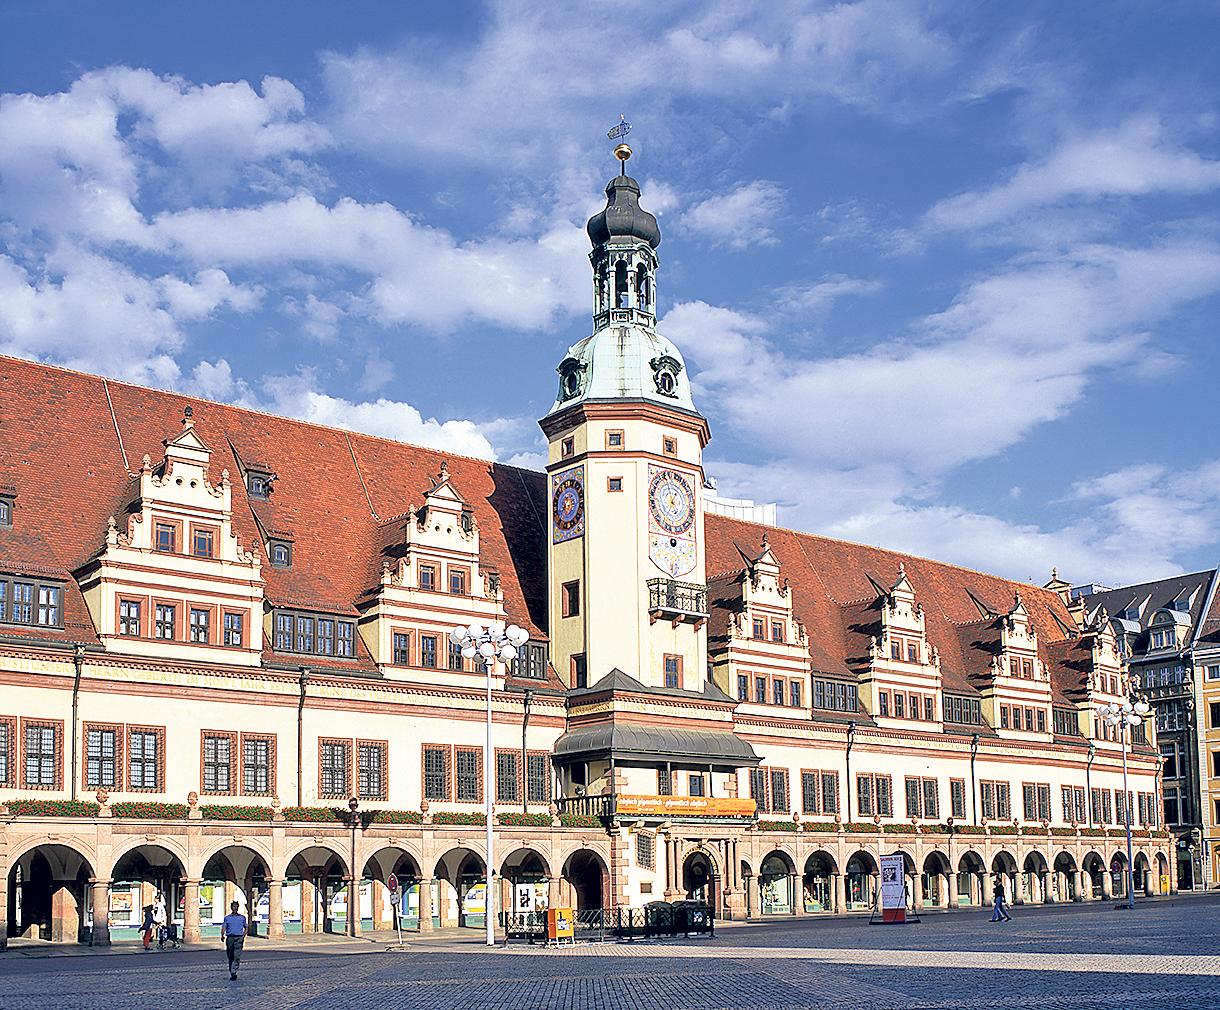 Wichtige Standortentscheidung – für Leipzig und die neuen Länder